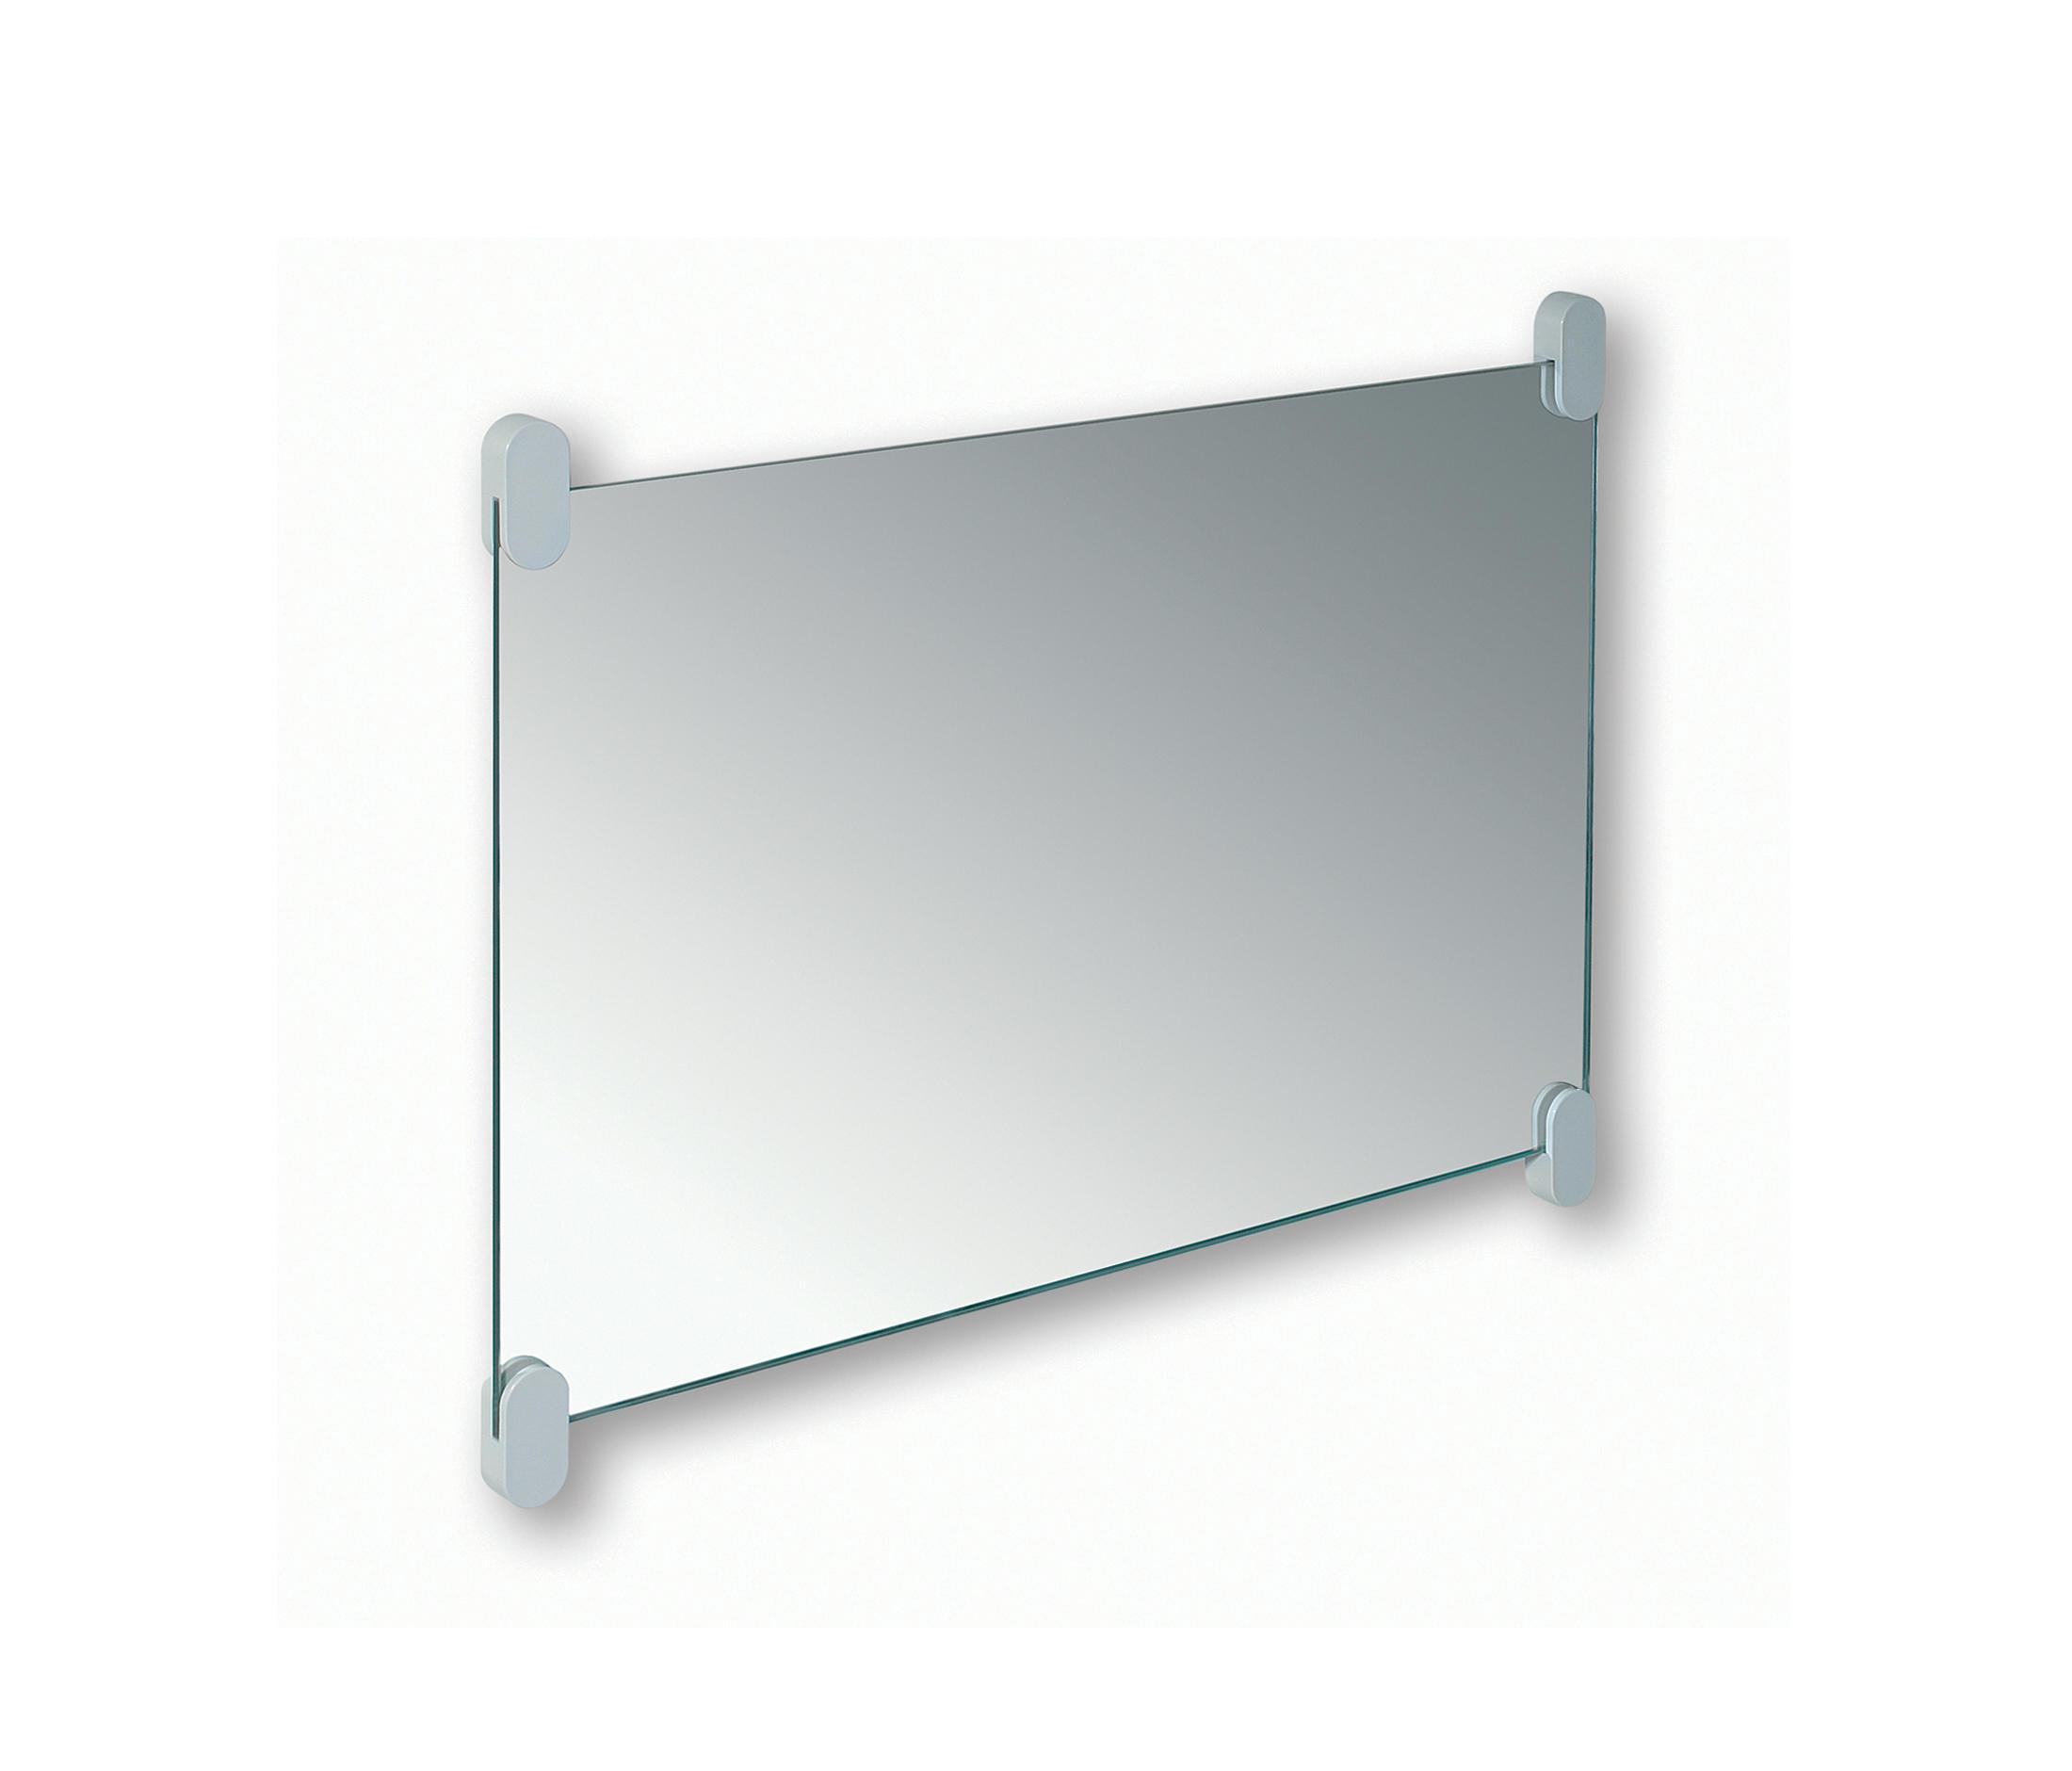 miroir en cristal miroirs muraux de hewi architonic. Black Bedroom Furniture Sets. Home Design Ideas